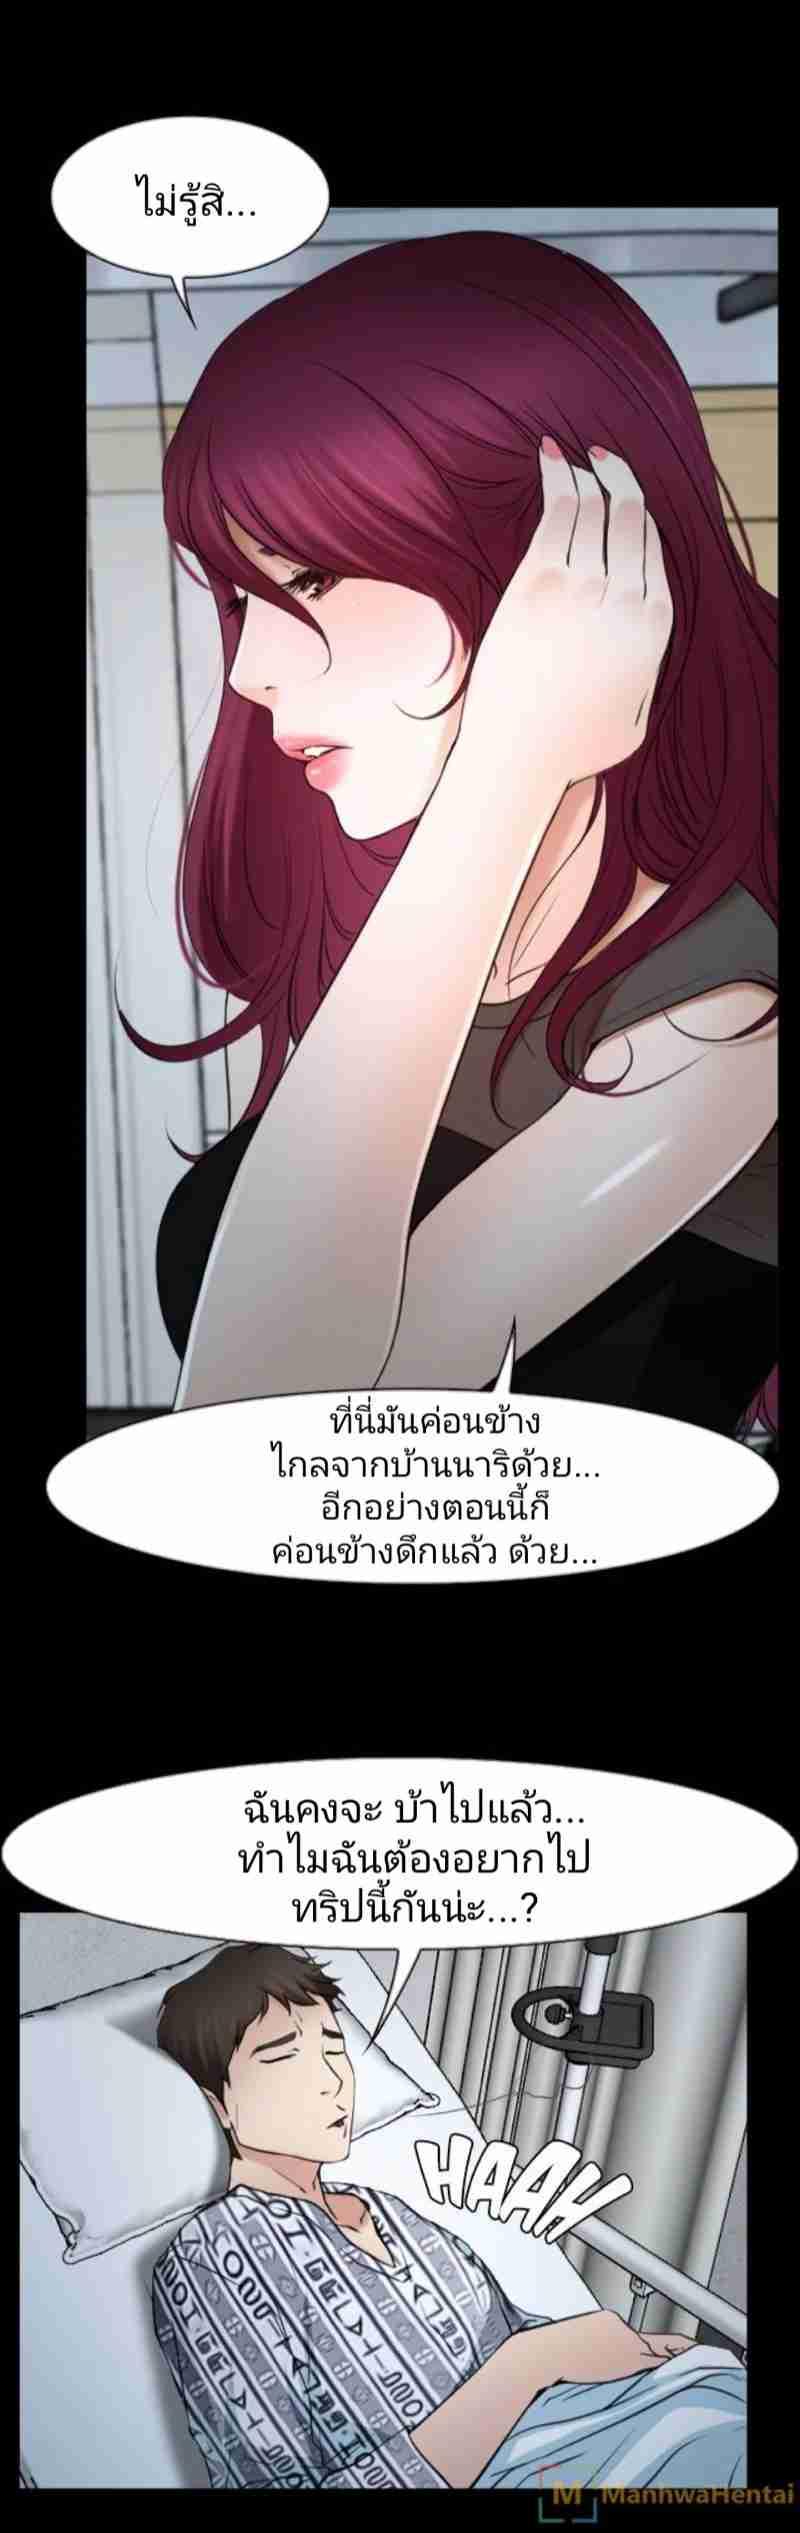 โดจิน Doujin ความรู้สึกที่ซ่อนอยู่ในใจ(21)18